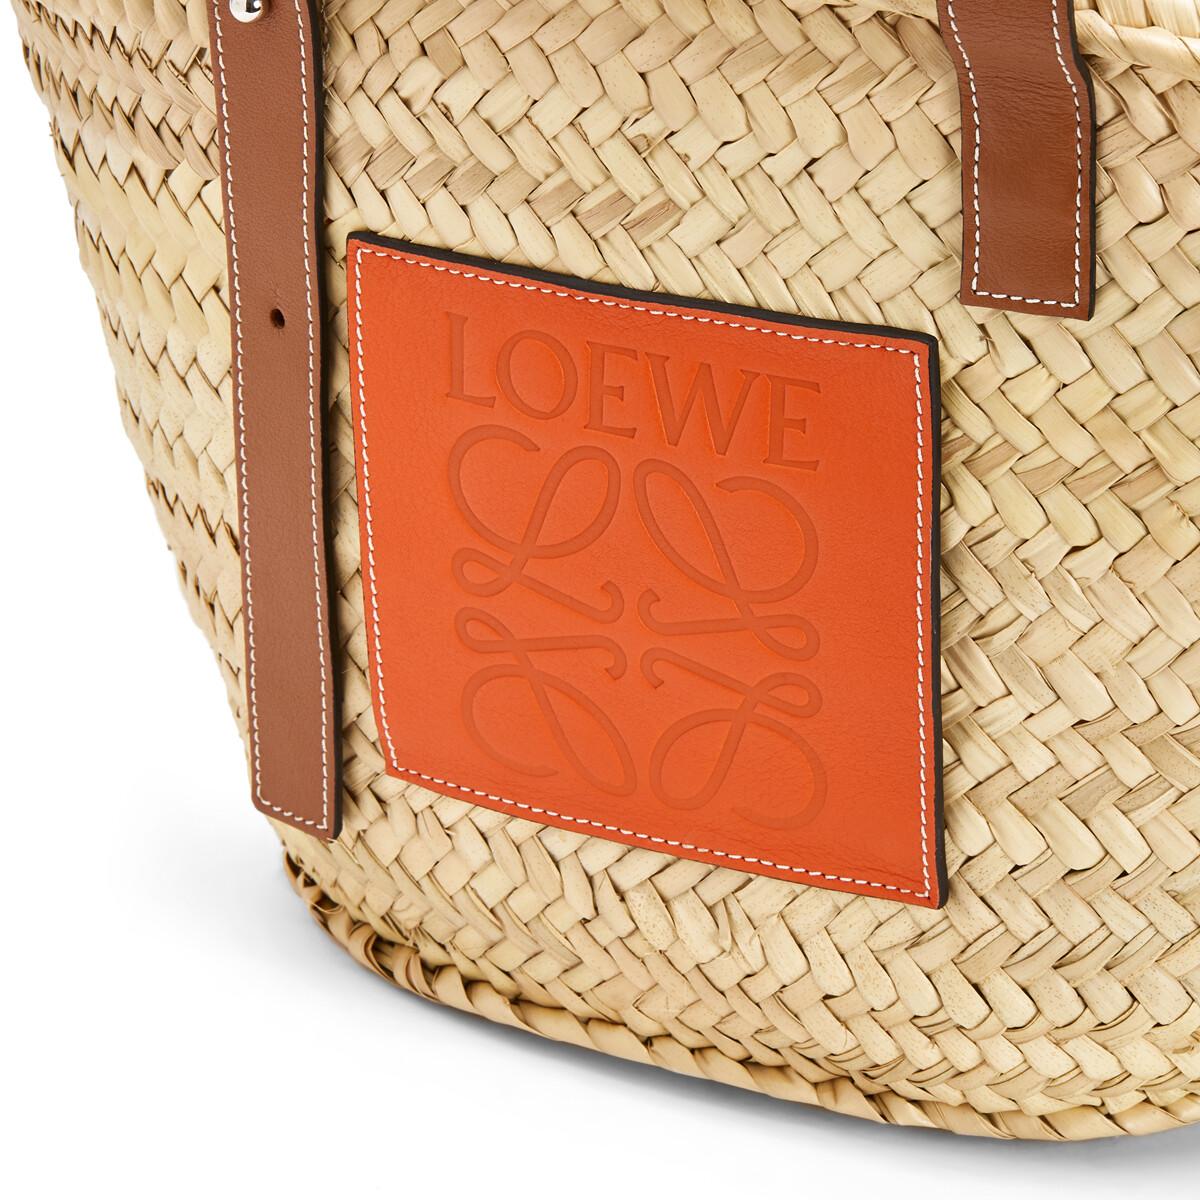 LOEWE Basket Natural/Orange front